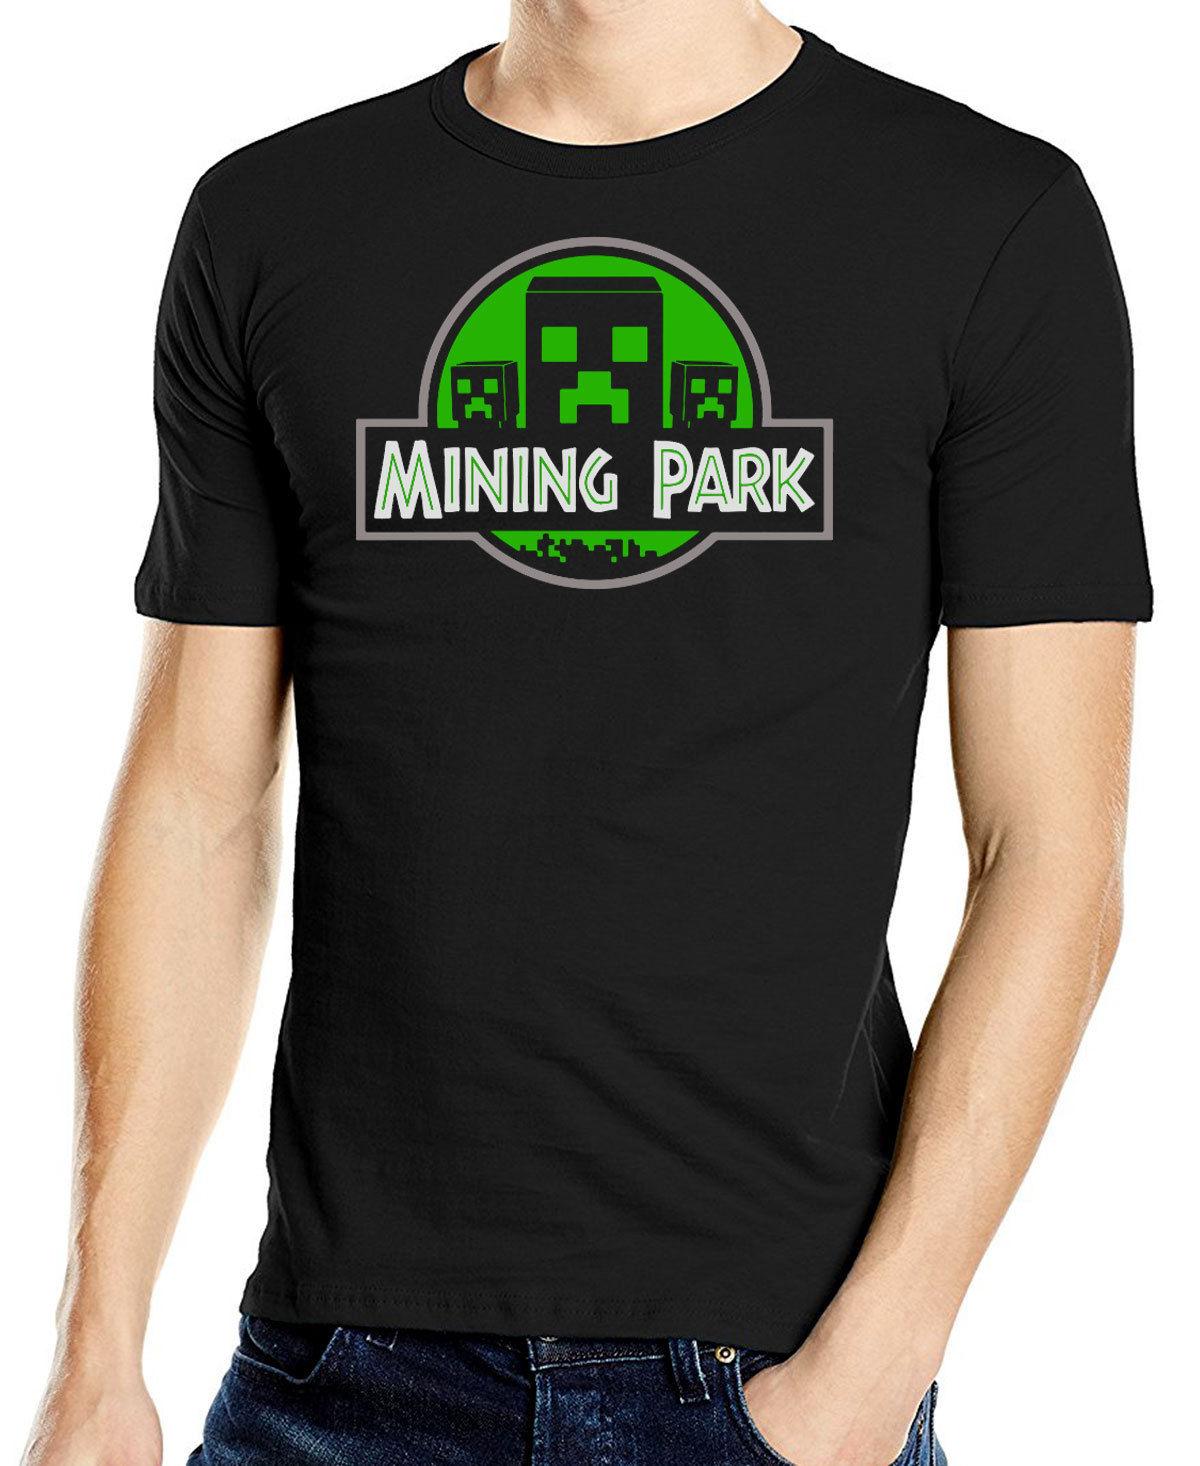 Mining Park Geek Gaming T-Shirt Retro 8 Bit Game T Shirt Adults & Kids Sizes